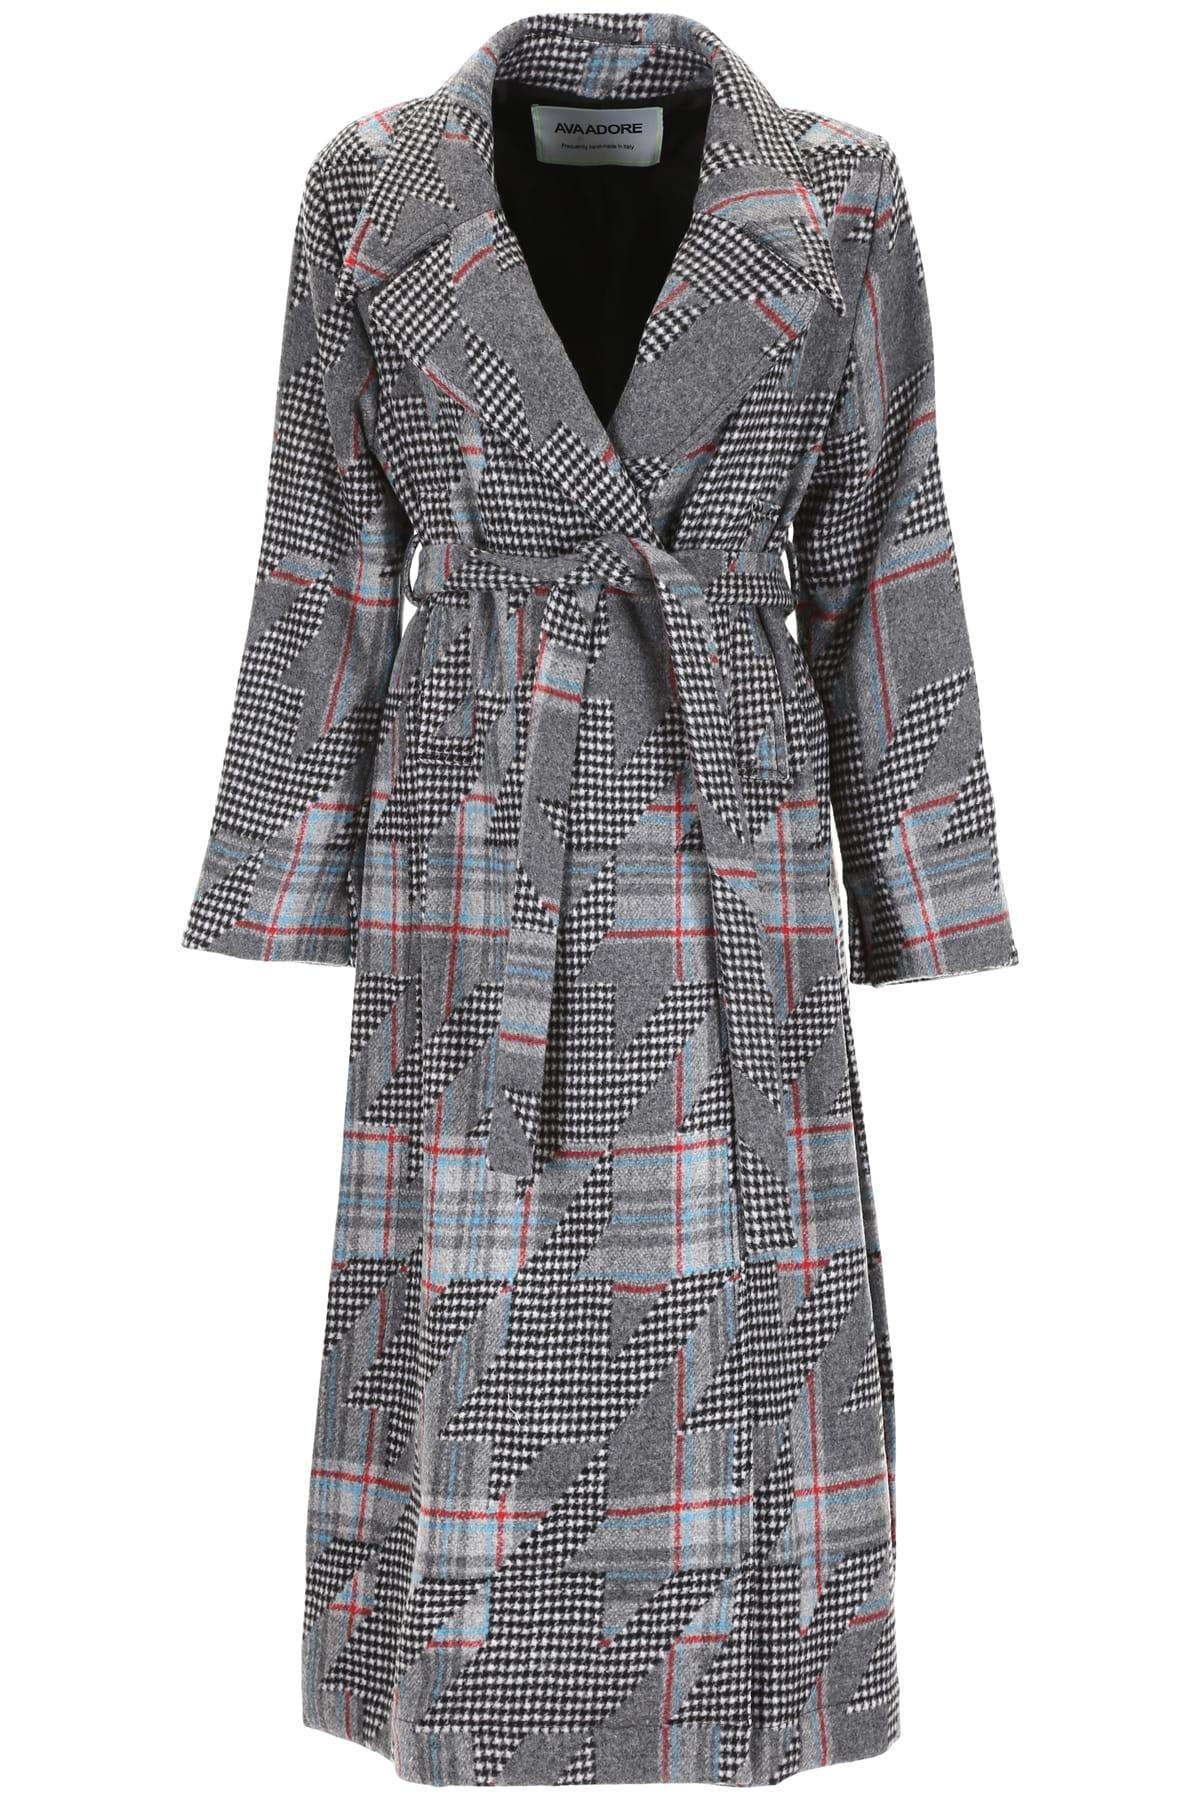 Ava Adore Coat With Mink Fur Half-belt